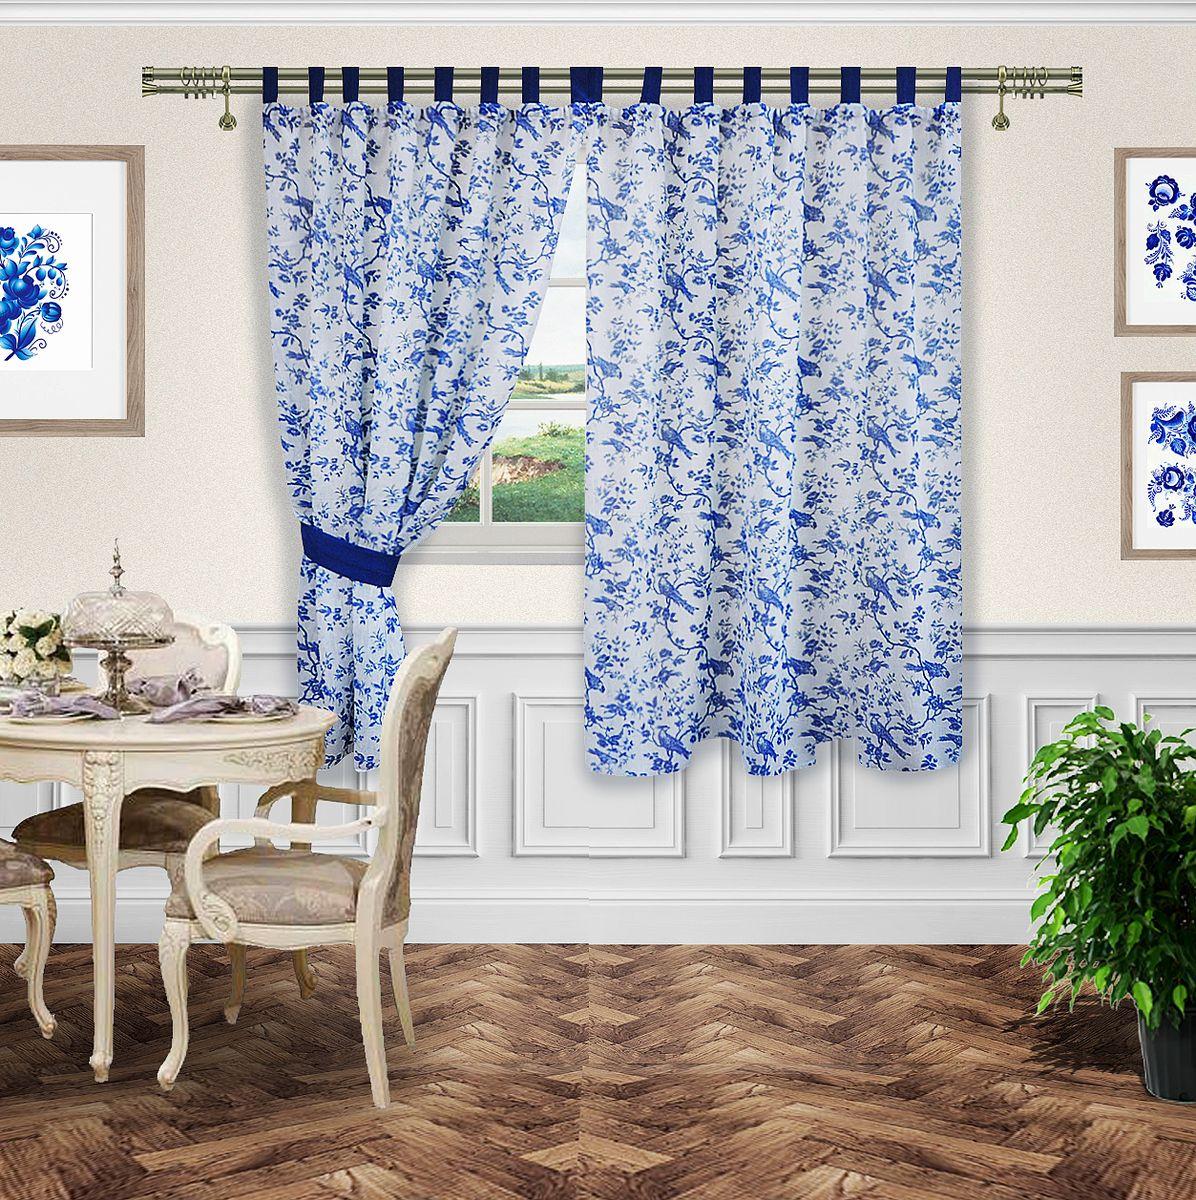 Комплект штор Zlata Korunka. 5556855568Комплект штор на петлях и шторной ленте ( однотонный лен)140*180-2шт и 2 подхвата ( леноднотонный)Ткань : под лен с рисуком  Гджель петли и подхваты лен однотонный синий